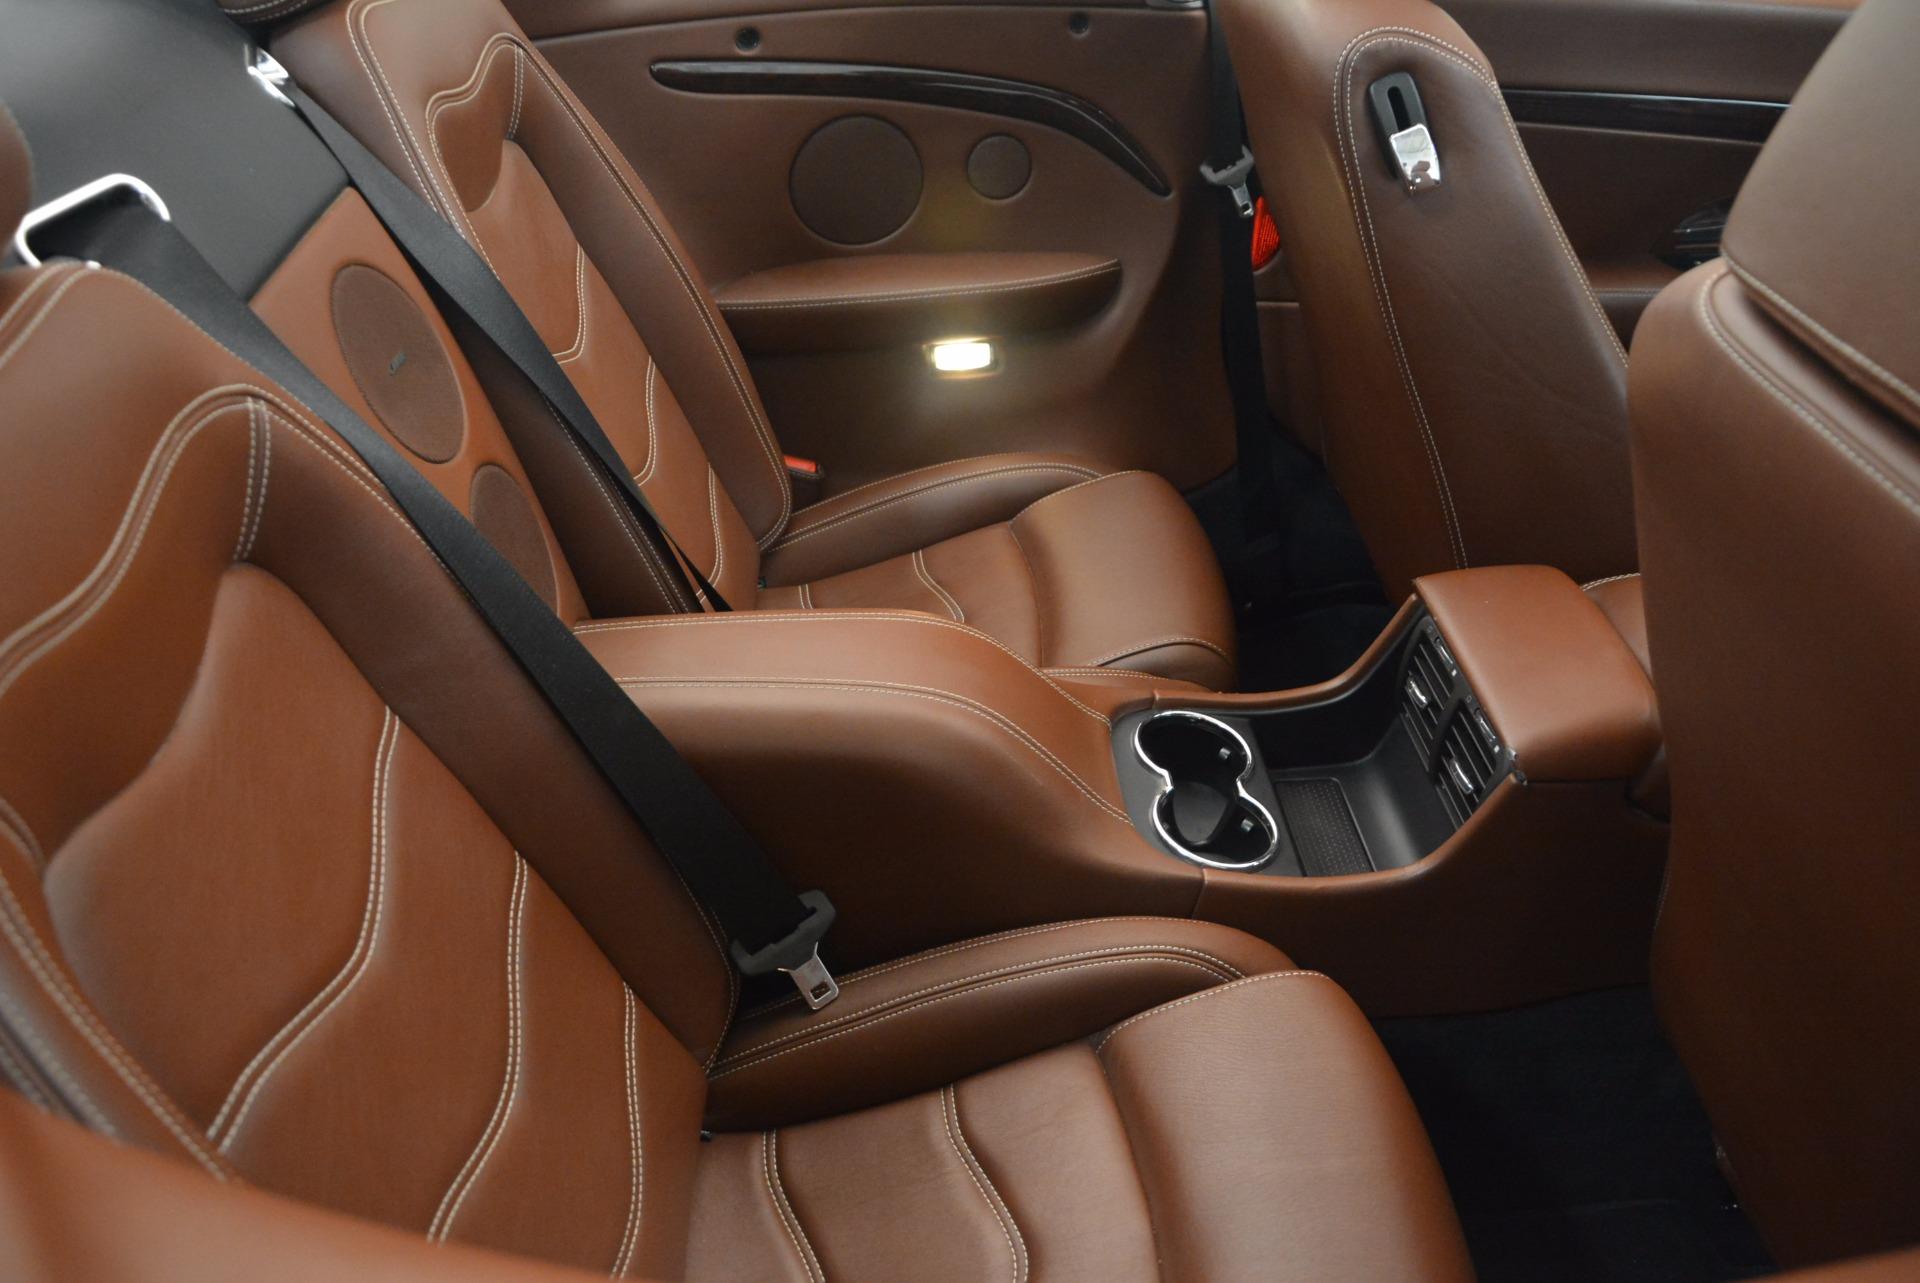 Used 2012 Maserati GranTurismo Sport For Sale In Greenwich, CT 1097_p32